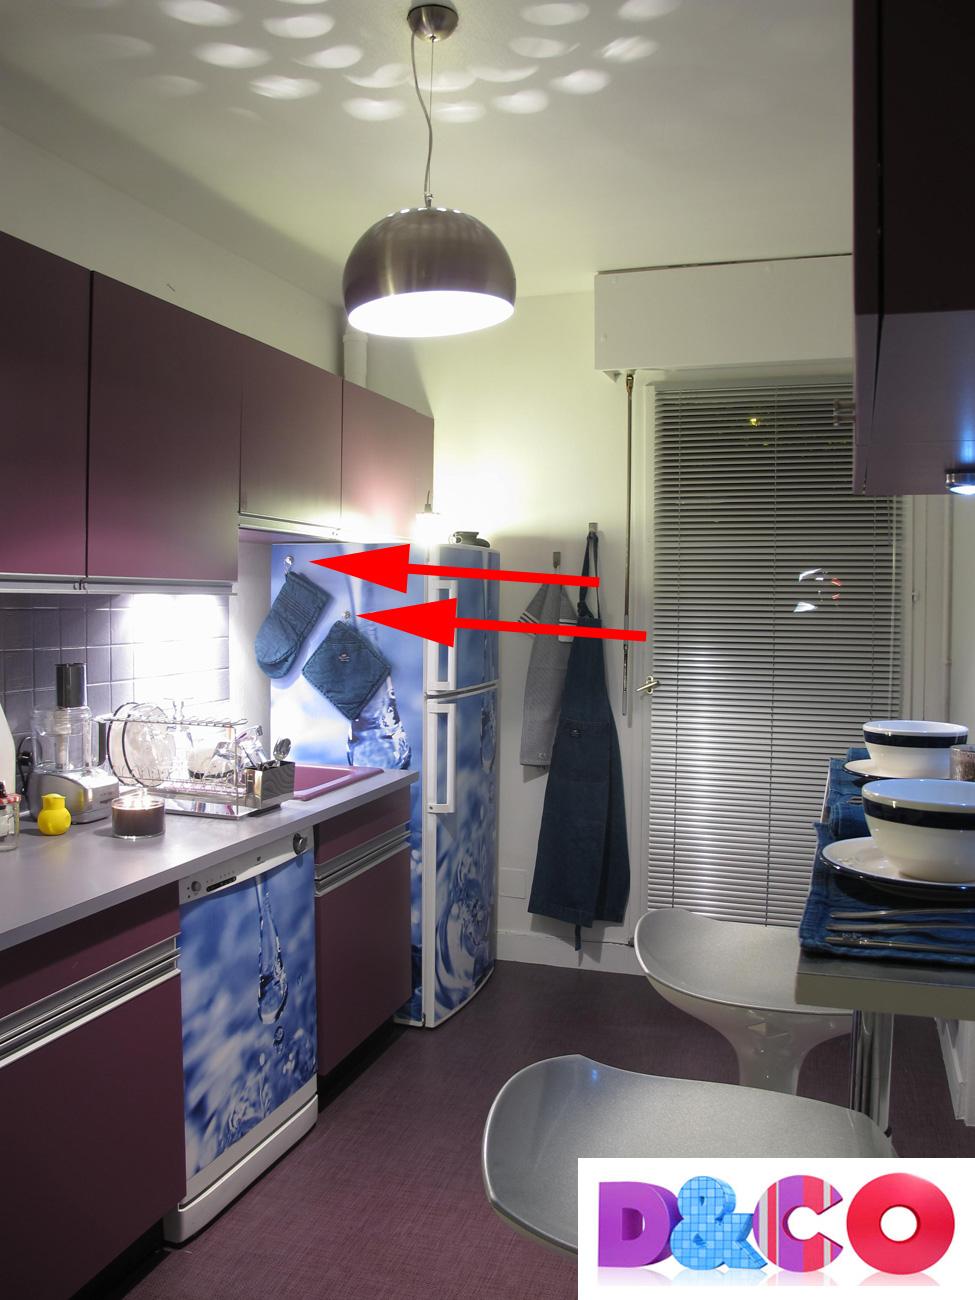 Cuisine et ustensiles dans d co de m6 le blog de cuisine et ustensiles - Emission deco maison ...